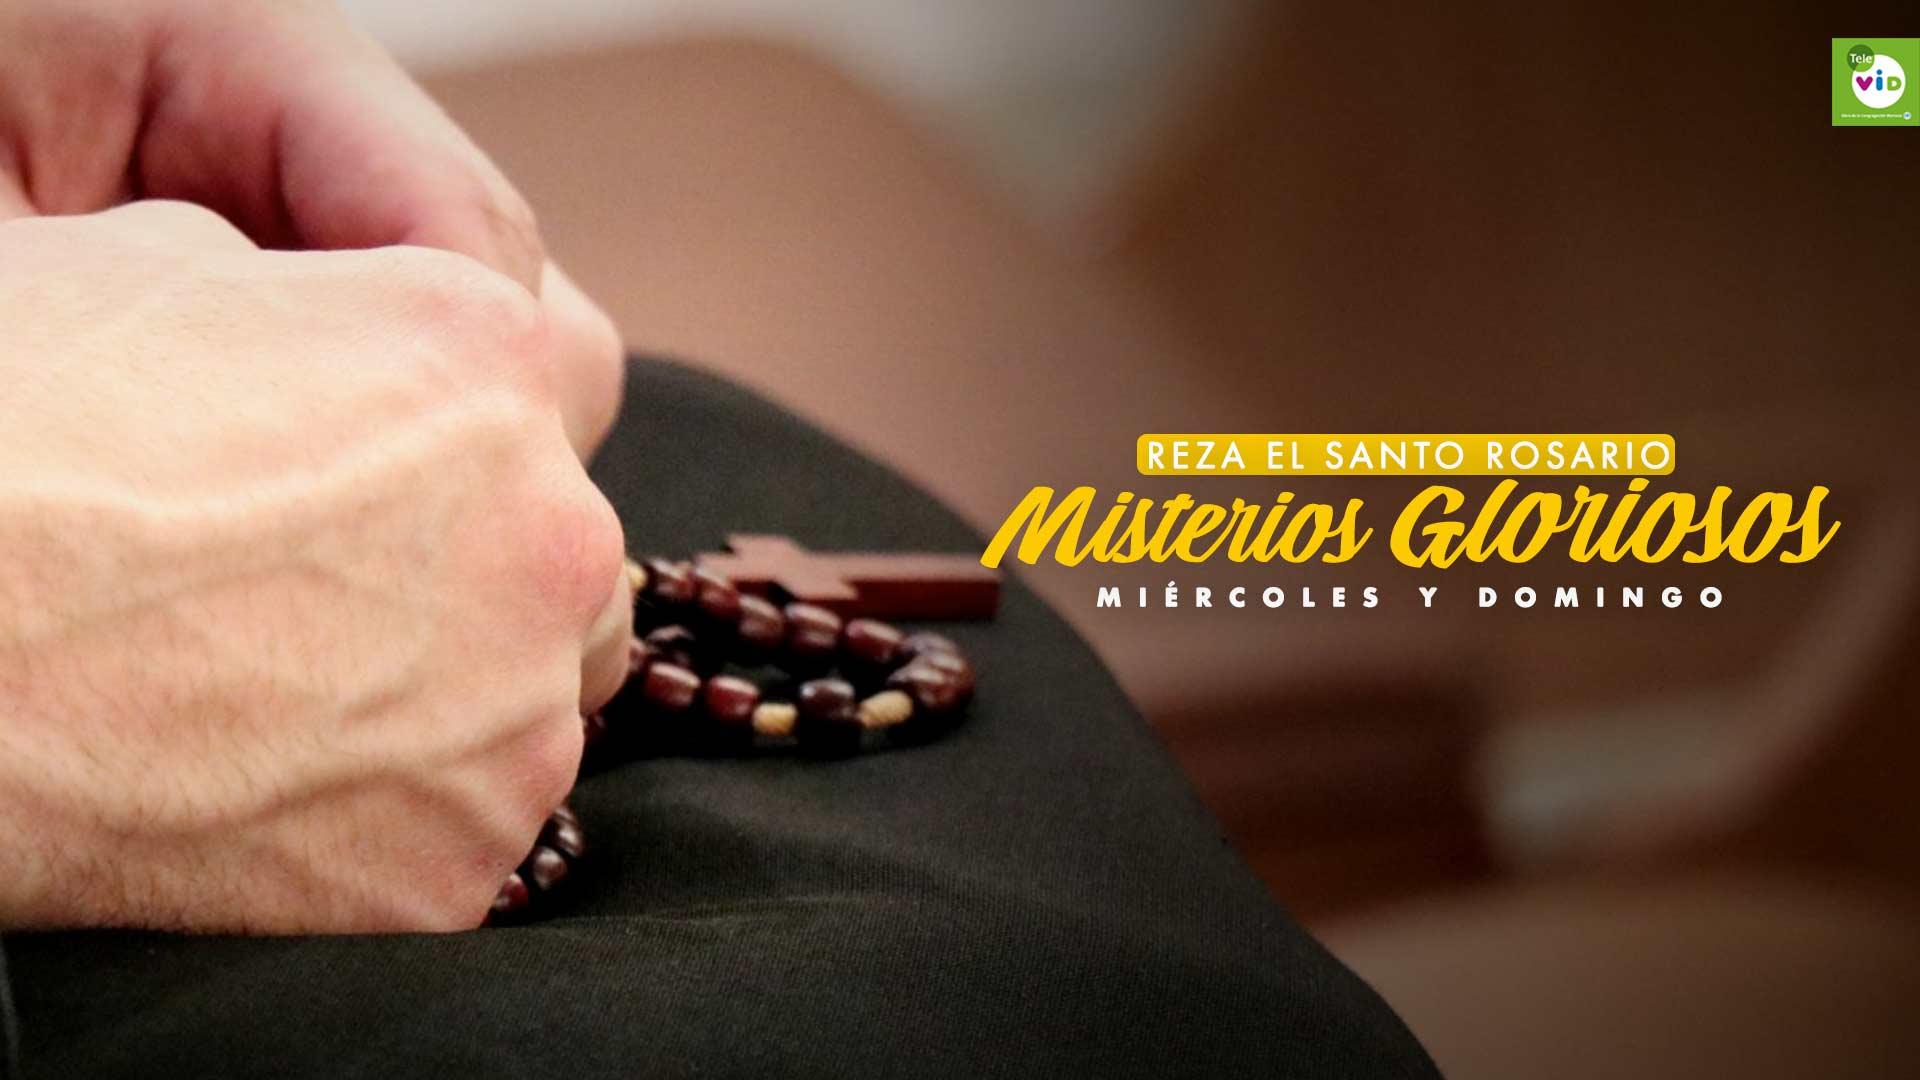 Video: ¿Cómo rezar los Misterios Gloriosos? Santo Rosario Miércoles y Domingo